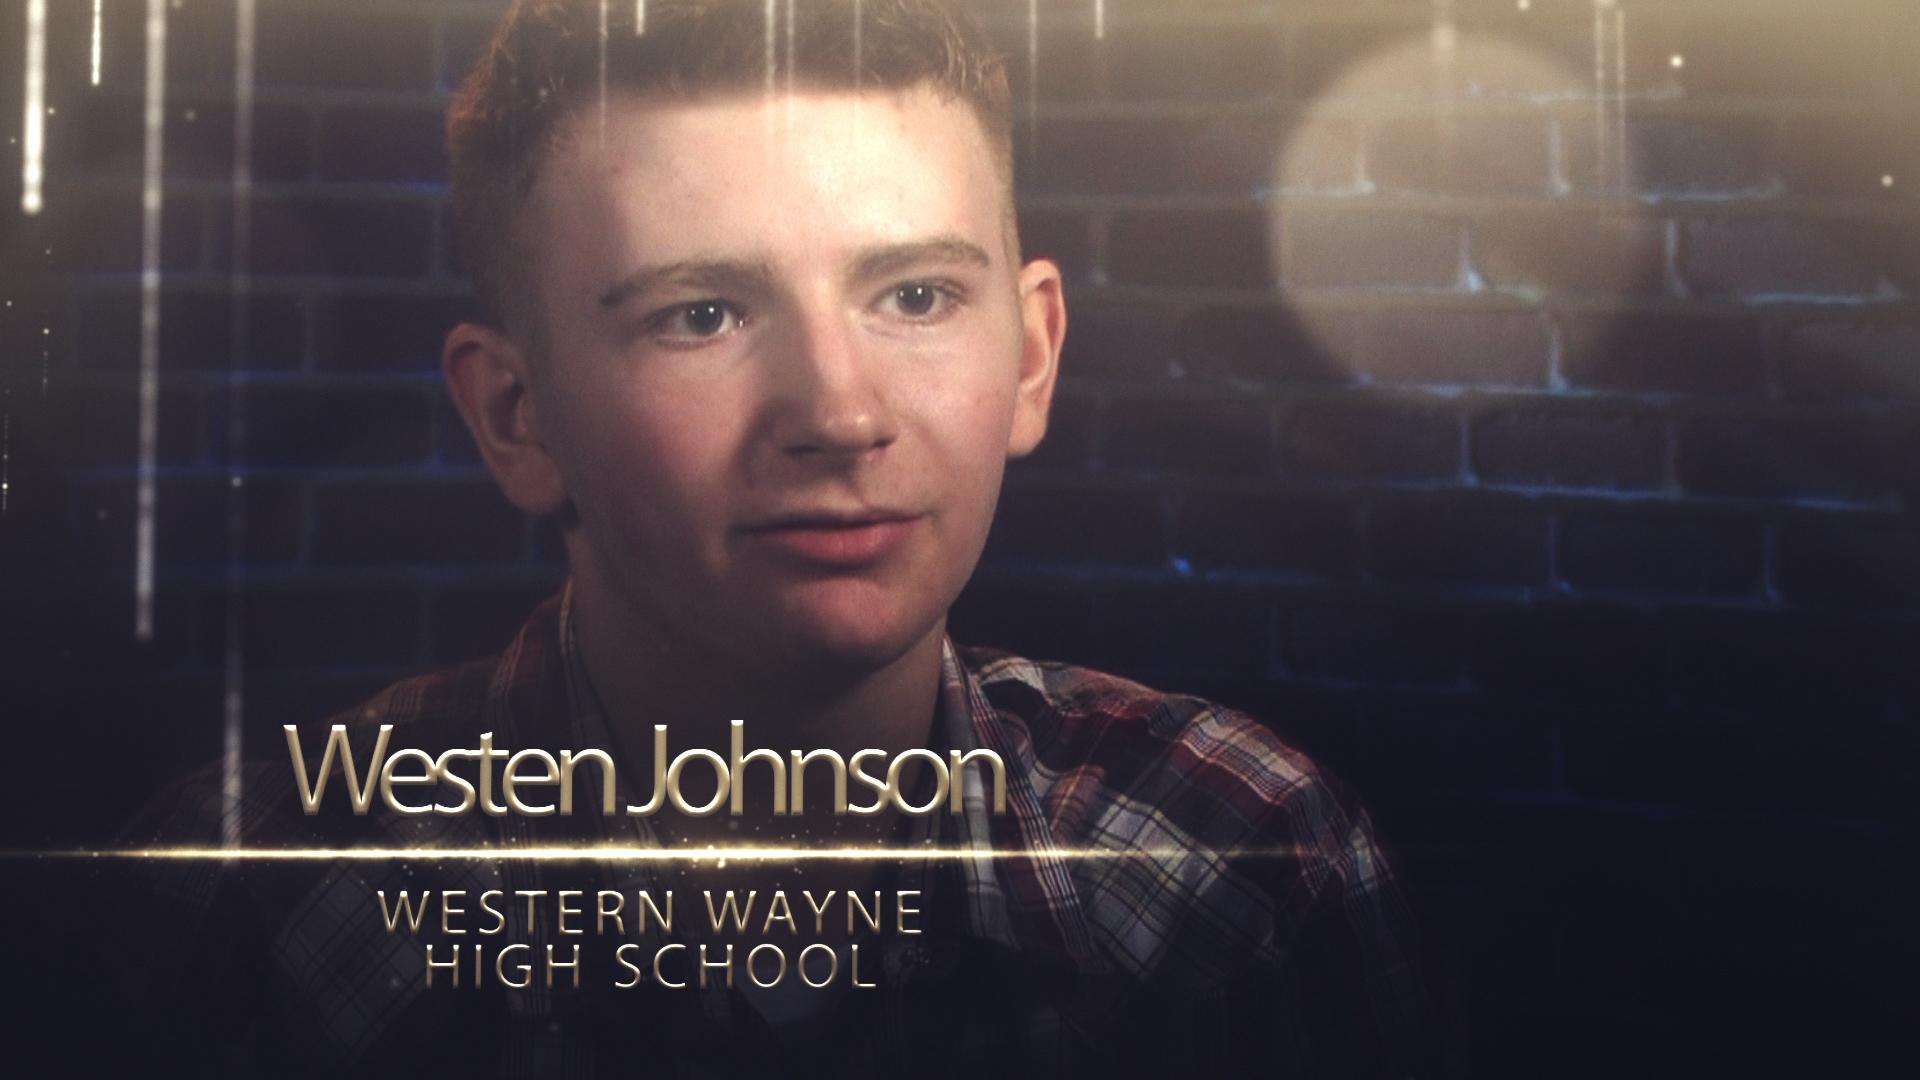 Westen Johnson